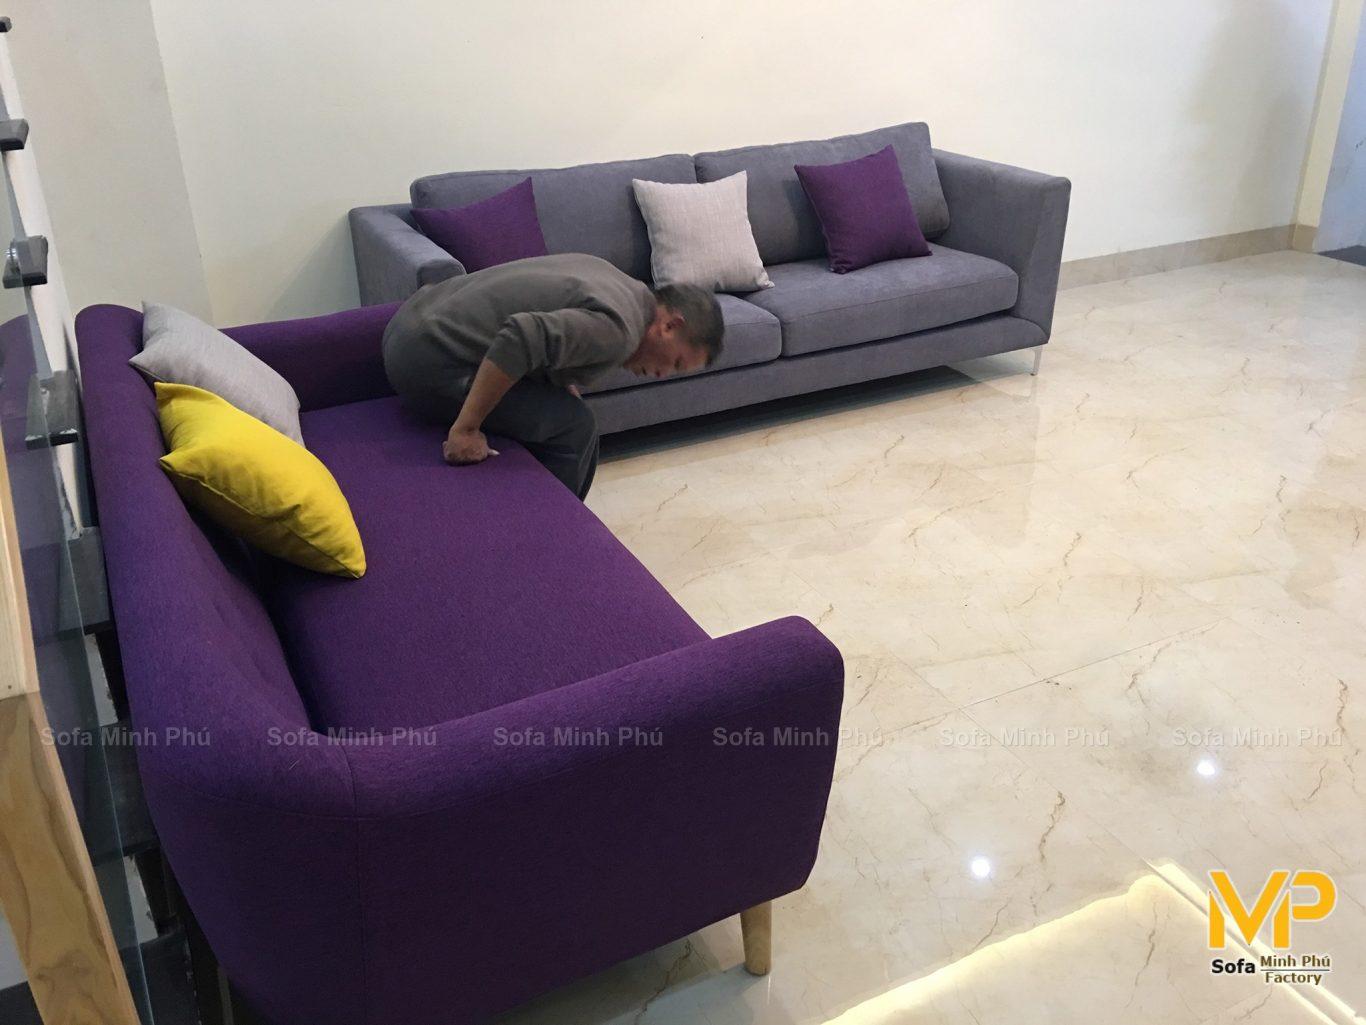 Bàn giao sofa nhà chị Thảo – Khu đô thị Xuân Phương